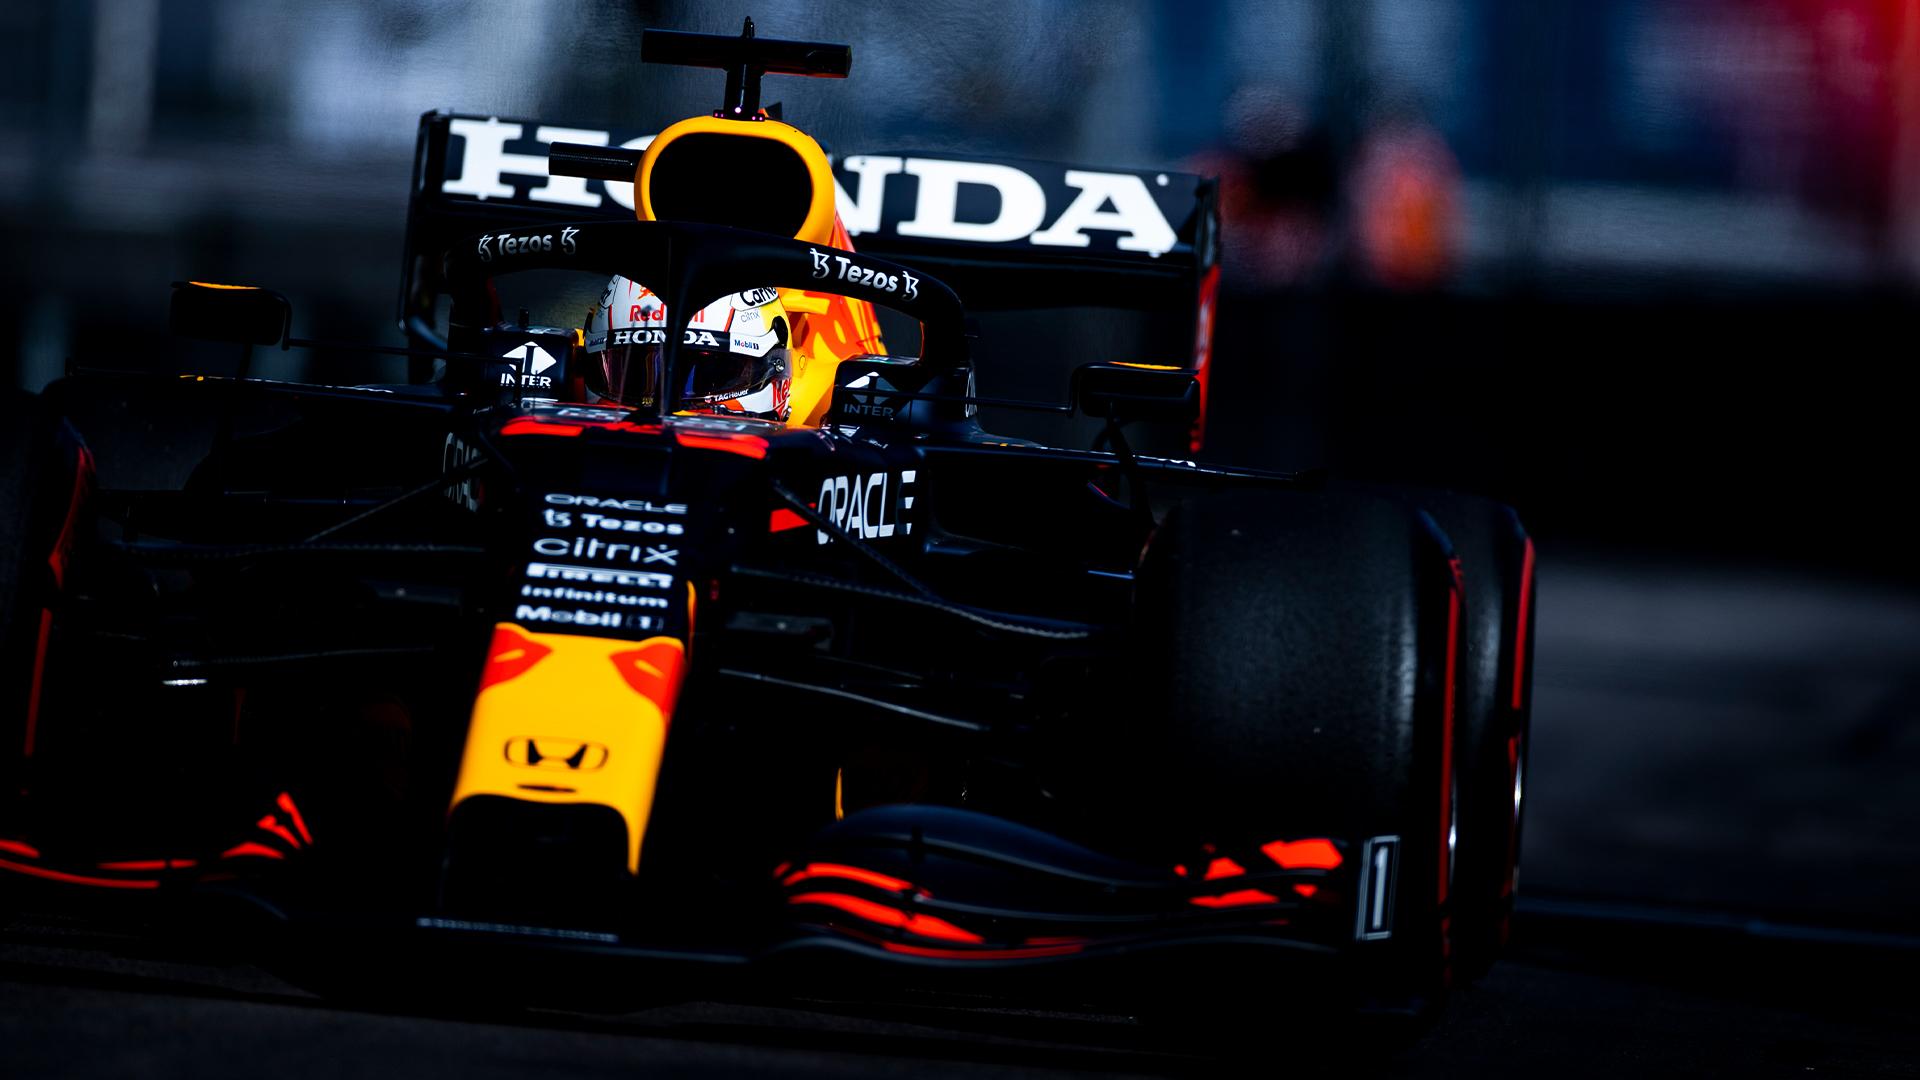 F1 - La grille de départ définitive du Grand Prix de Russie 2021